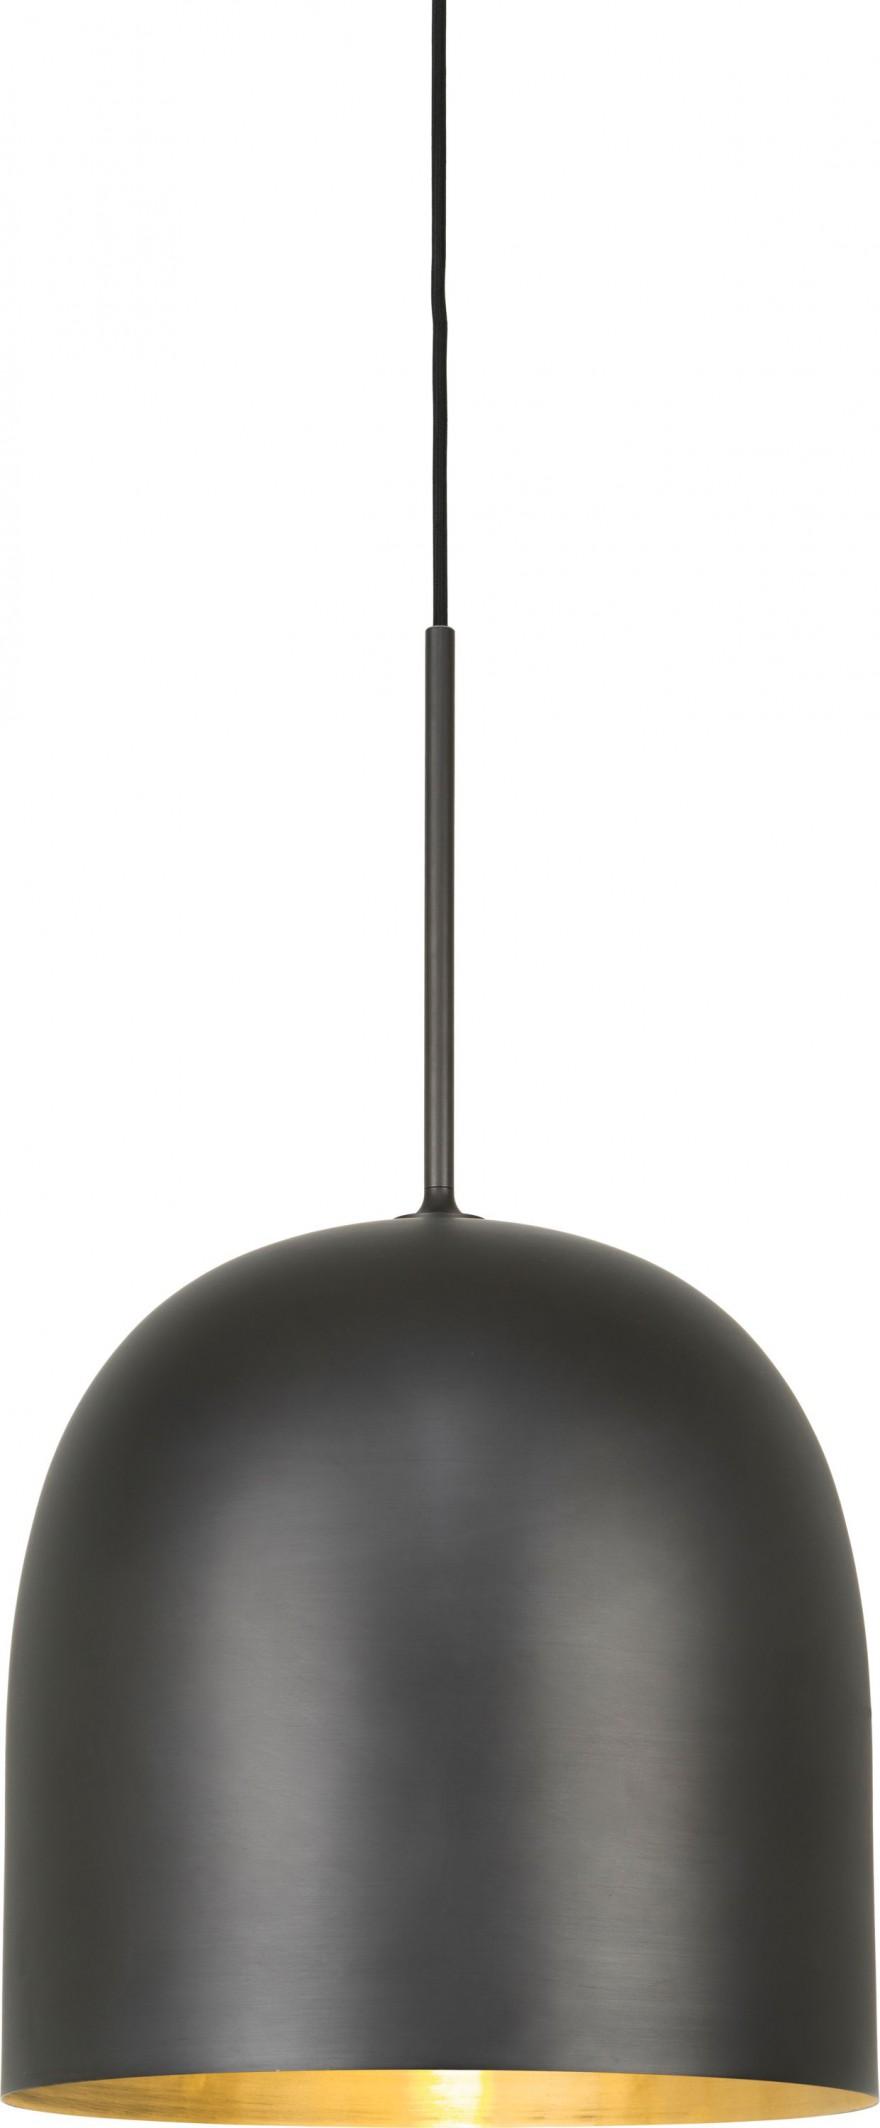 Howard hanglamp met messing binnenkant voor warm licht